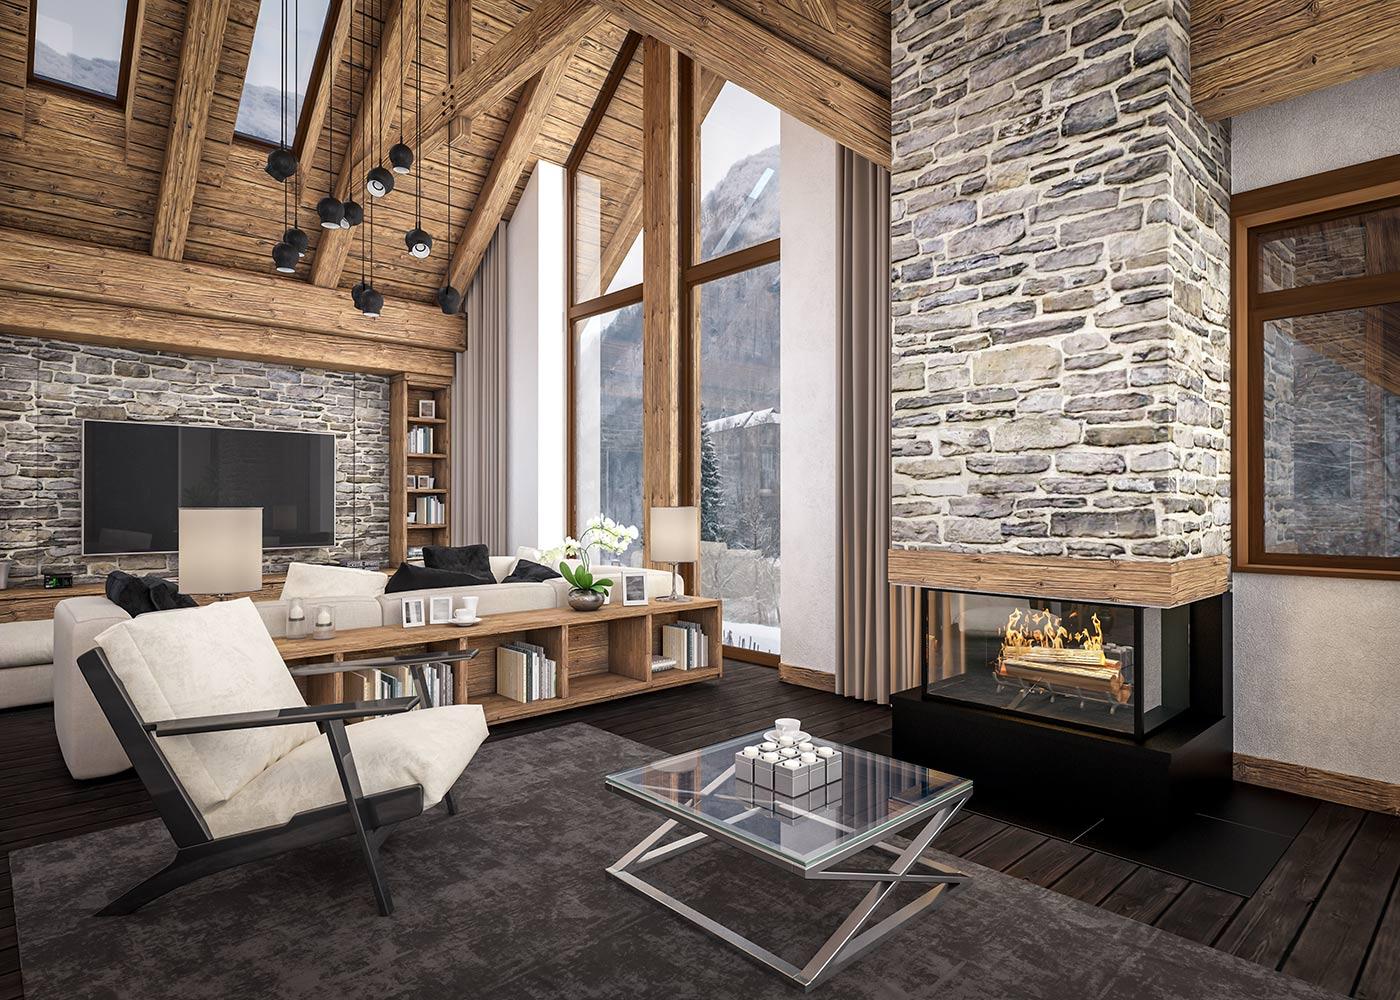 Arredamento Rustico Casa arredo rustico moderno: cos'è e come adattarlo a casa